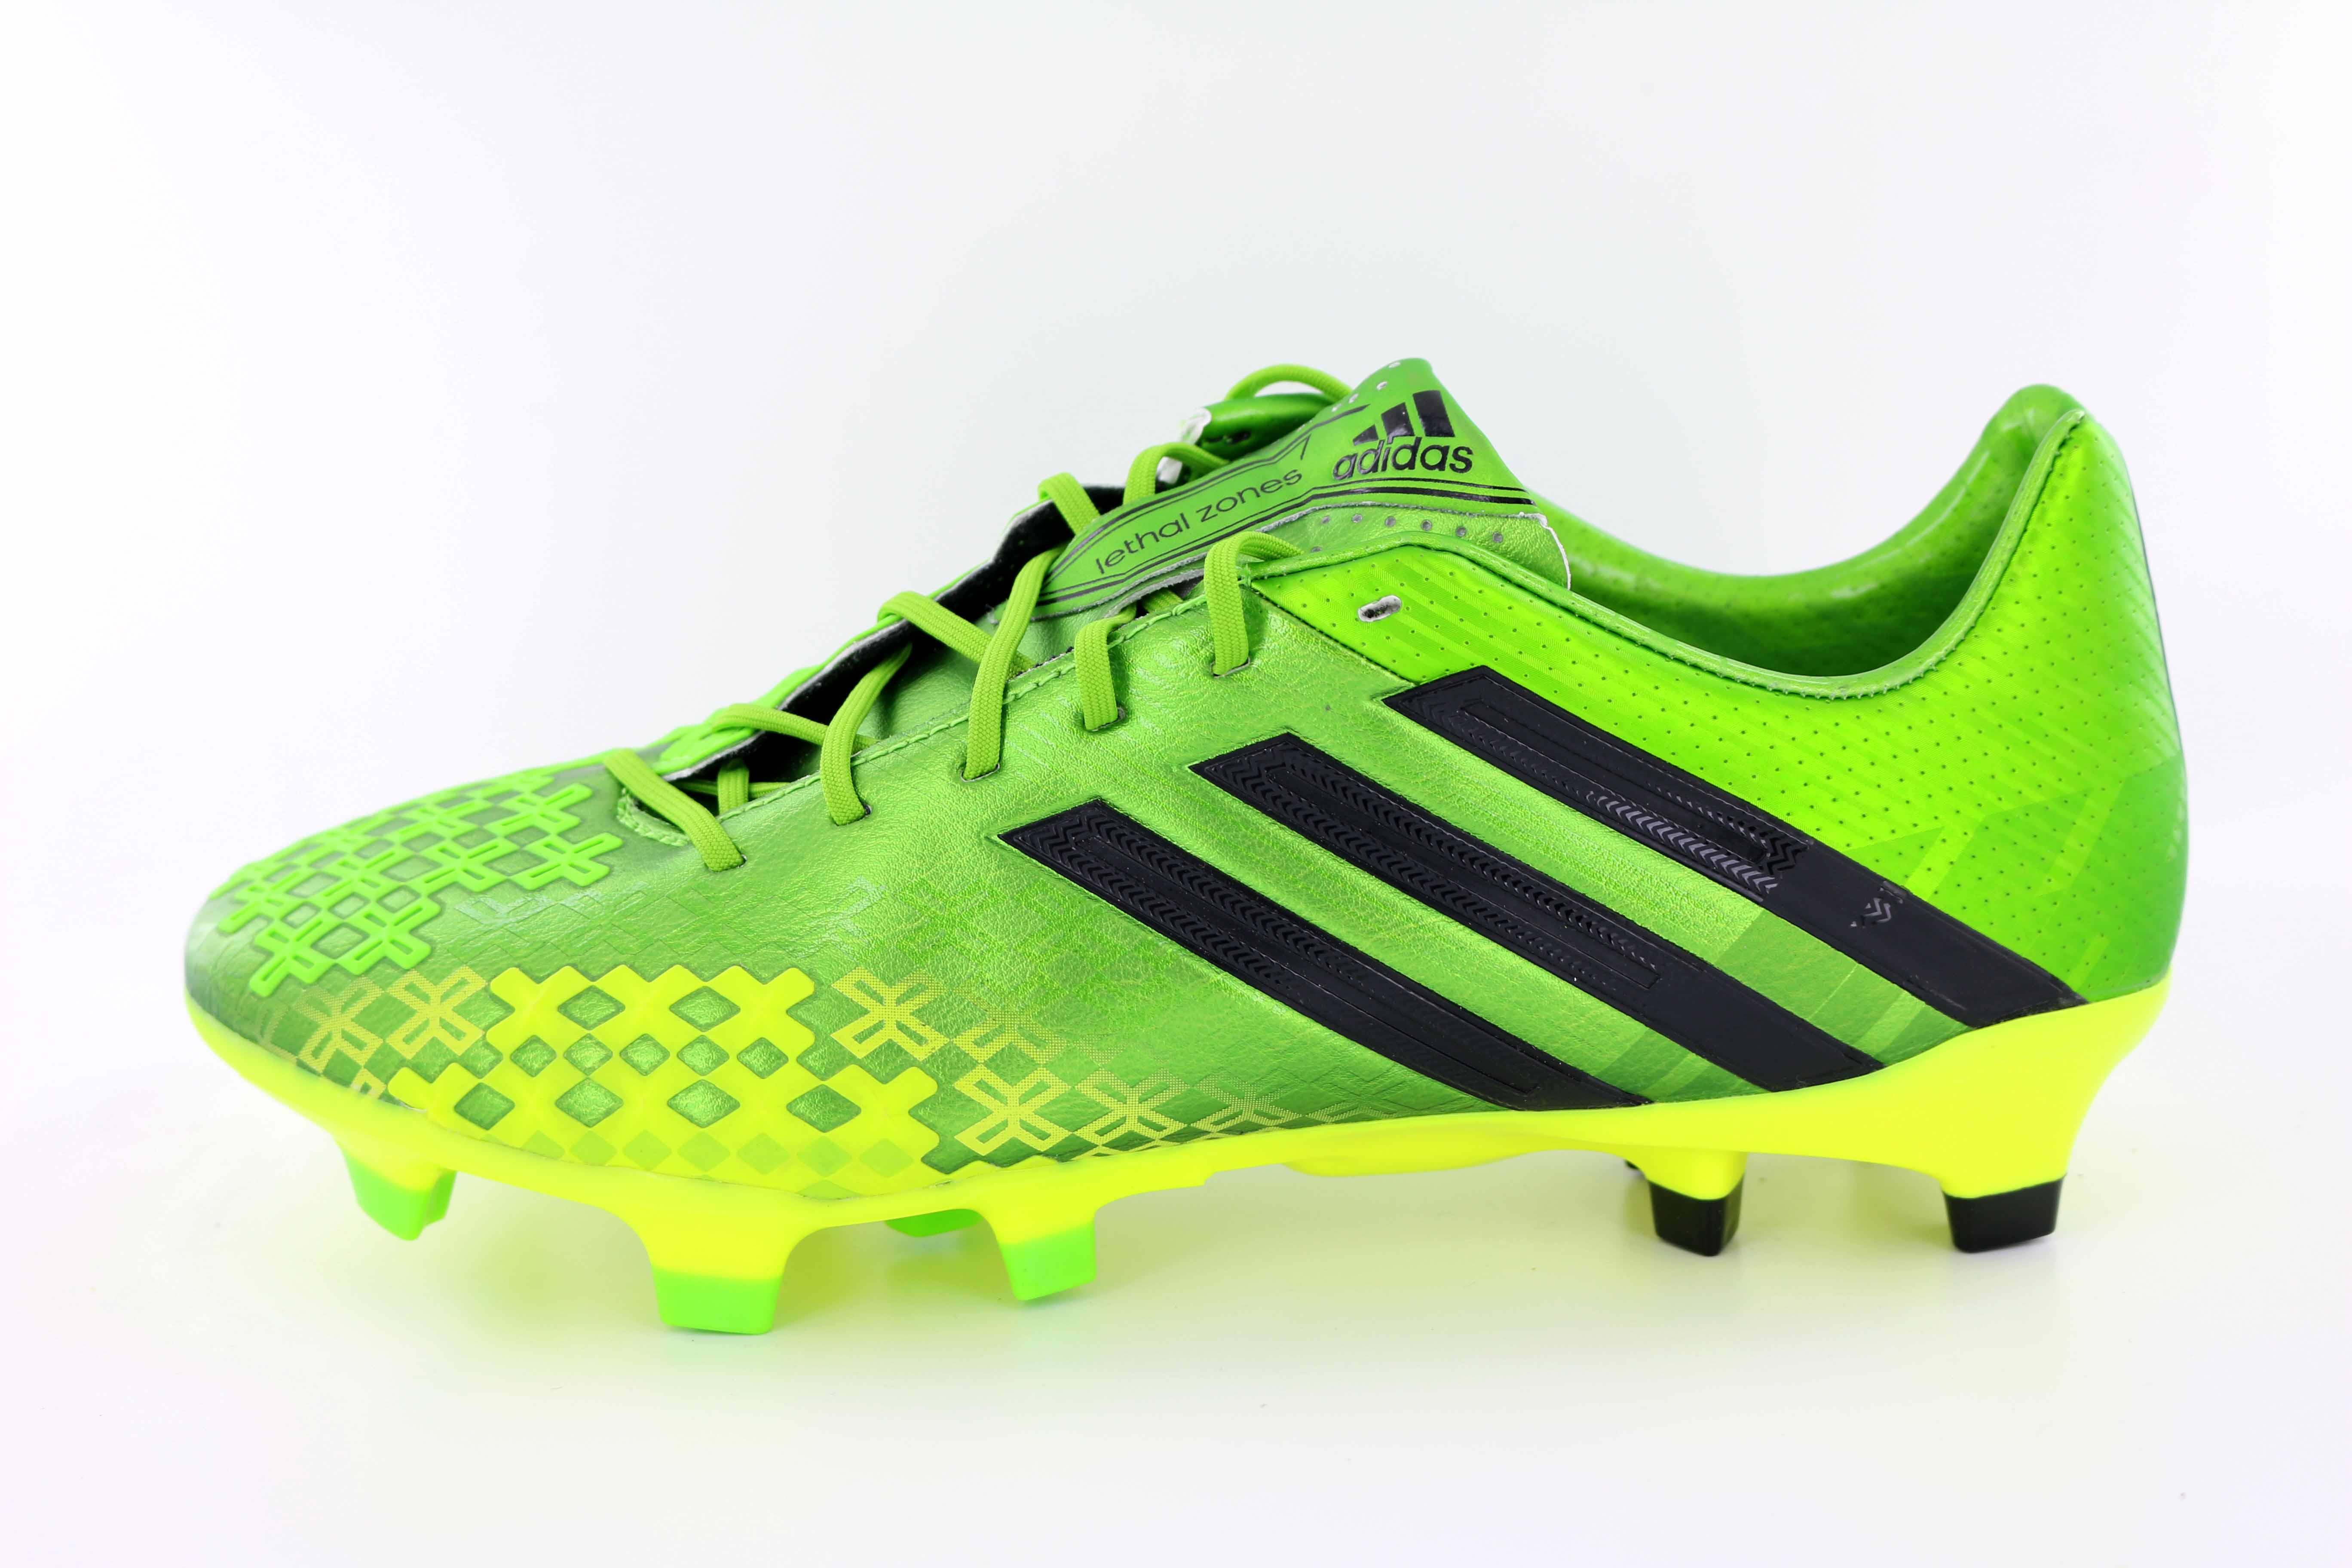 4bf14b542060 Image is loading adidas-Predator-LZ-TRX-FG-Model-Q21663-Men